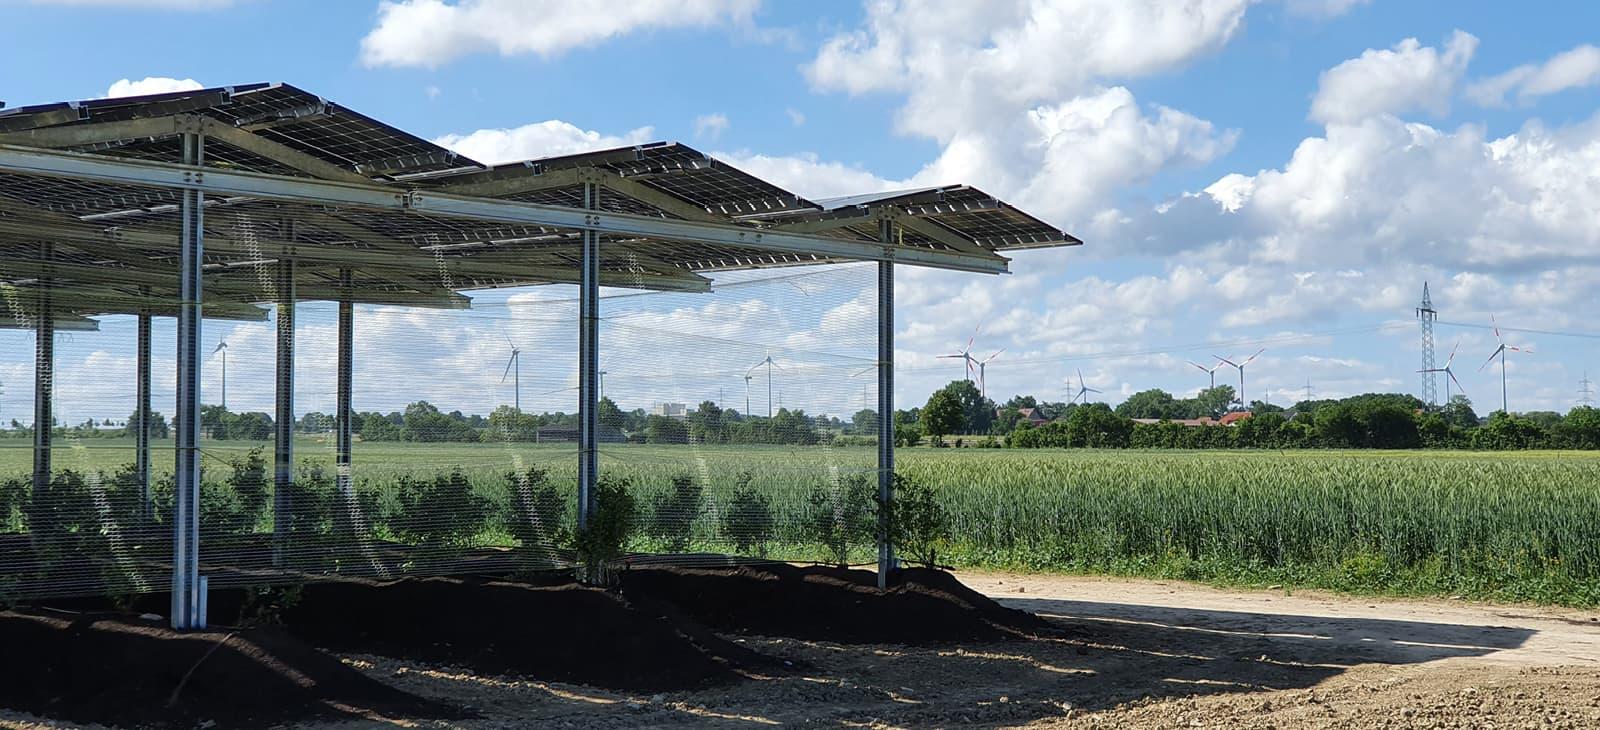 Solarpaneele als Dach für Pflanzenanbau